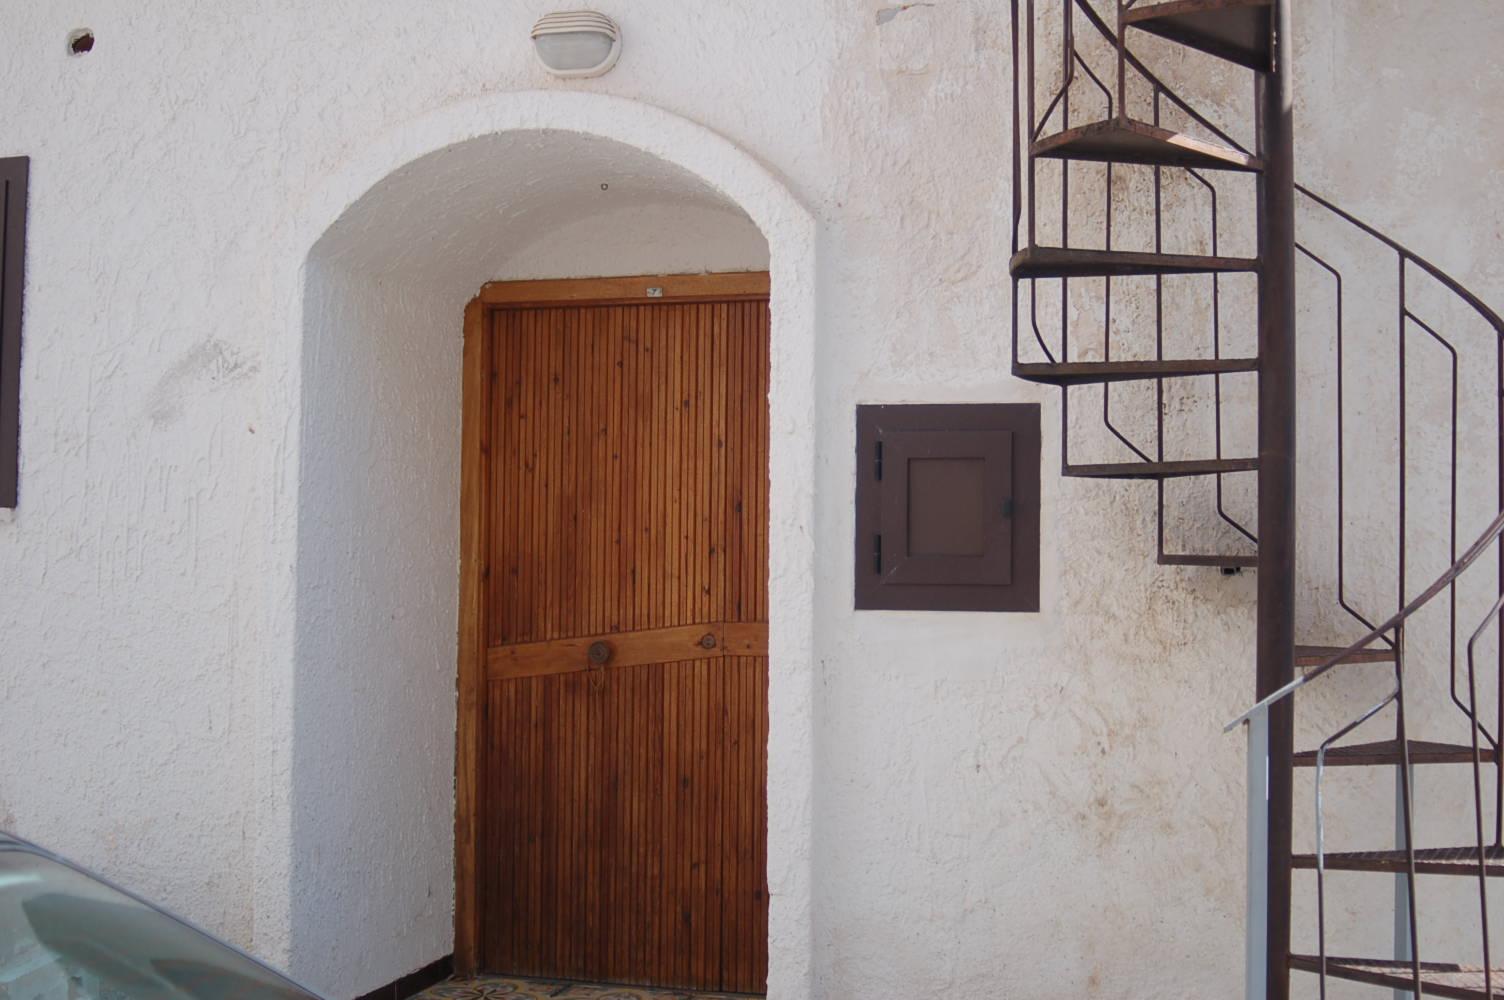 Vendesi appartamento palinuro centola satempo di casa portici for Vendesi appartamento